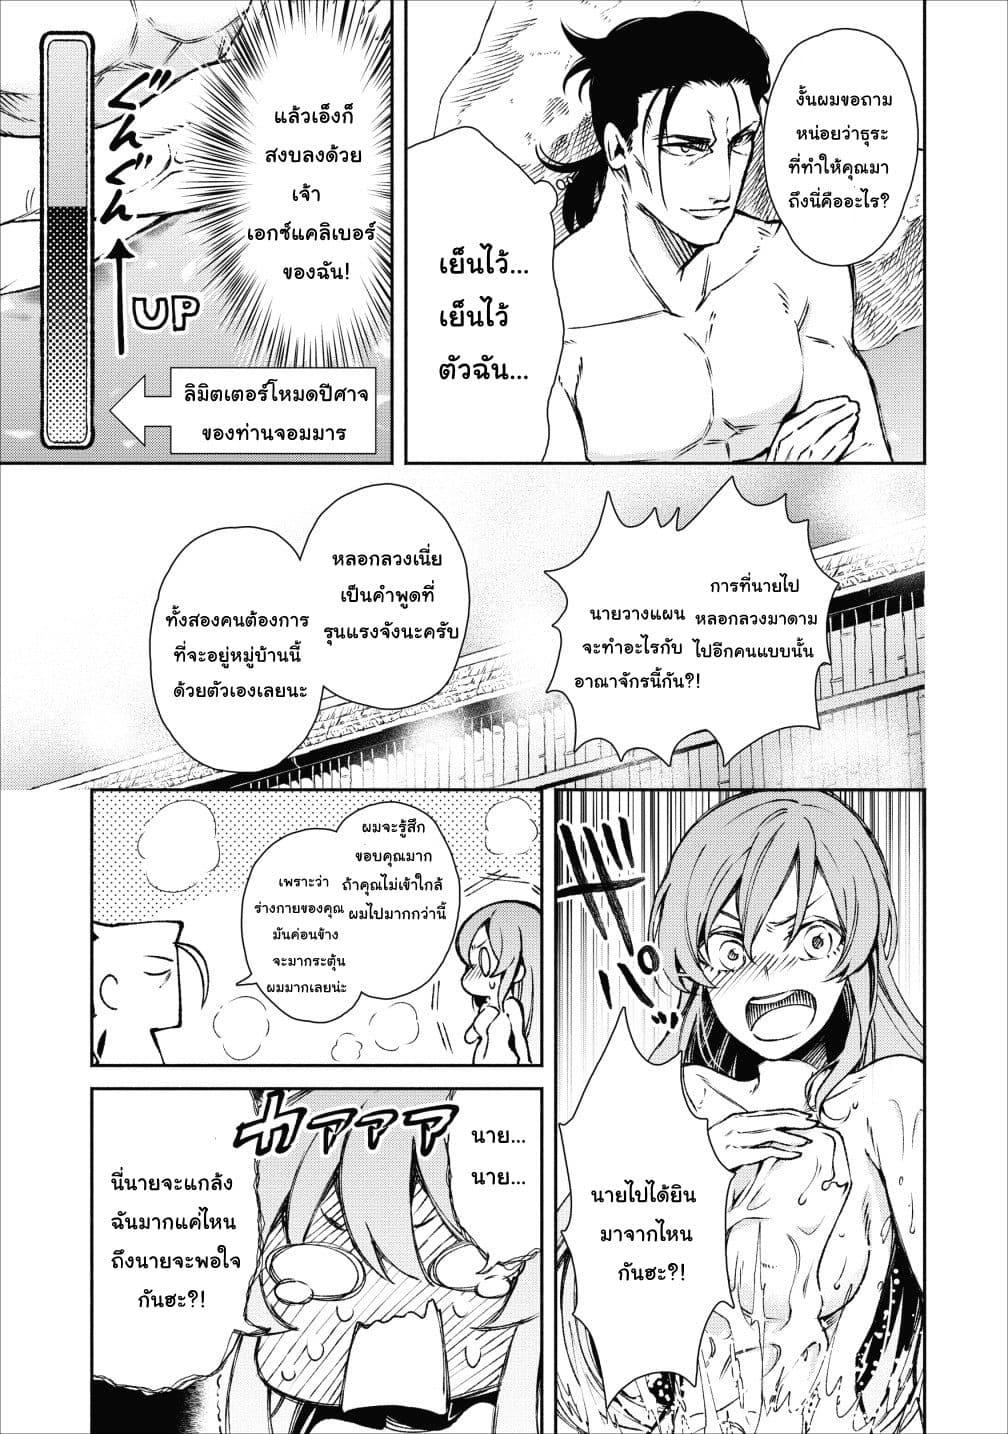 อ่านการ์ตูน Maousama Retry! ตอนที่ 16 หน้าที่ 15